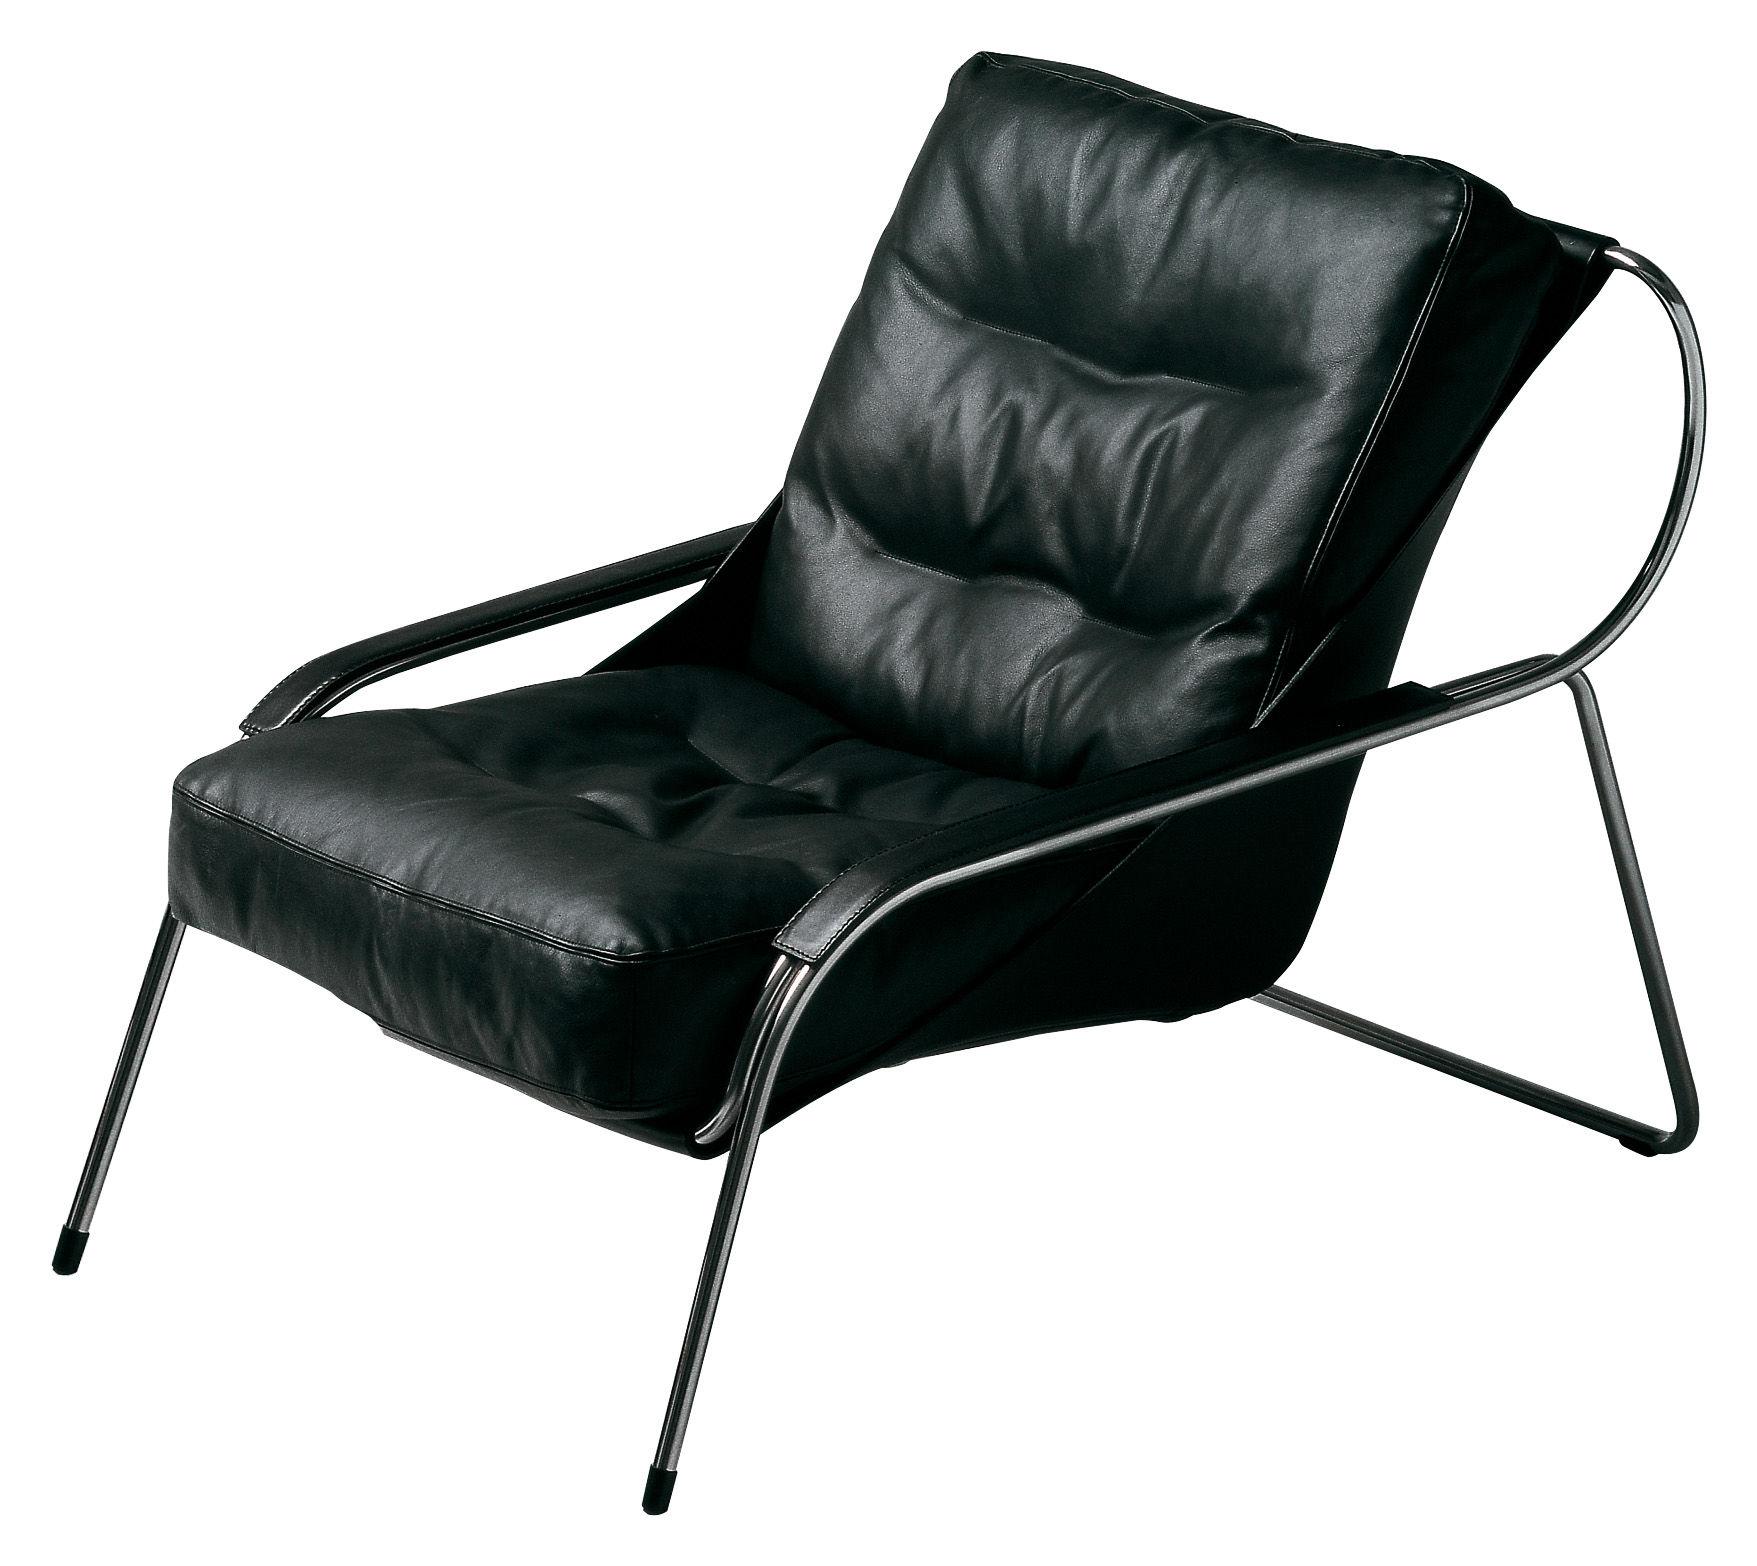 Möbel - Außergewöhnliche Möbel - Maggiolina Lounge Sessel / gepolstert - Zanotta - Sessel - schwarzes Leder, Extra-Qualität - Leder, rostfreier Stahl